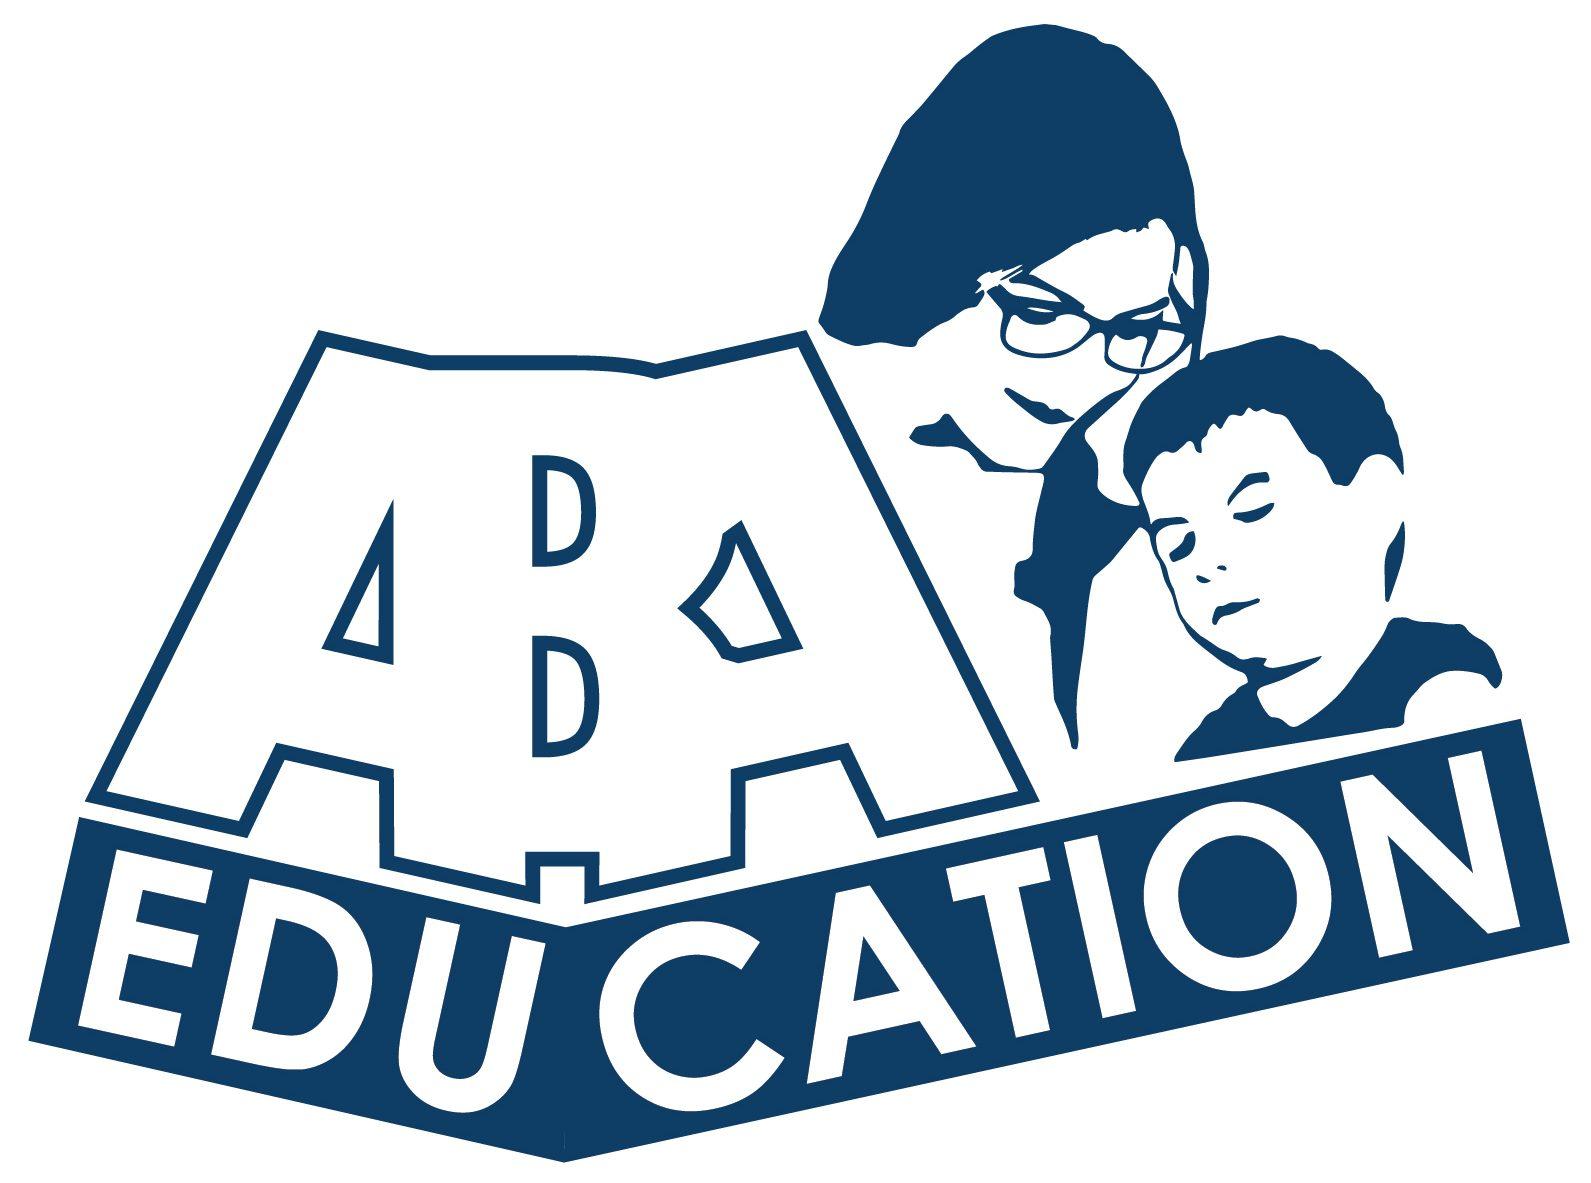 terapia domiciliare ABA EDUCATION, napoli campania